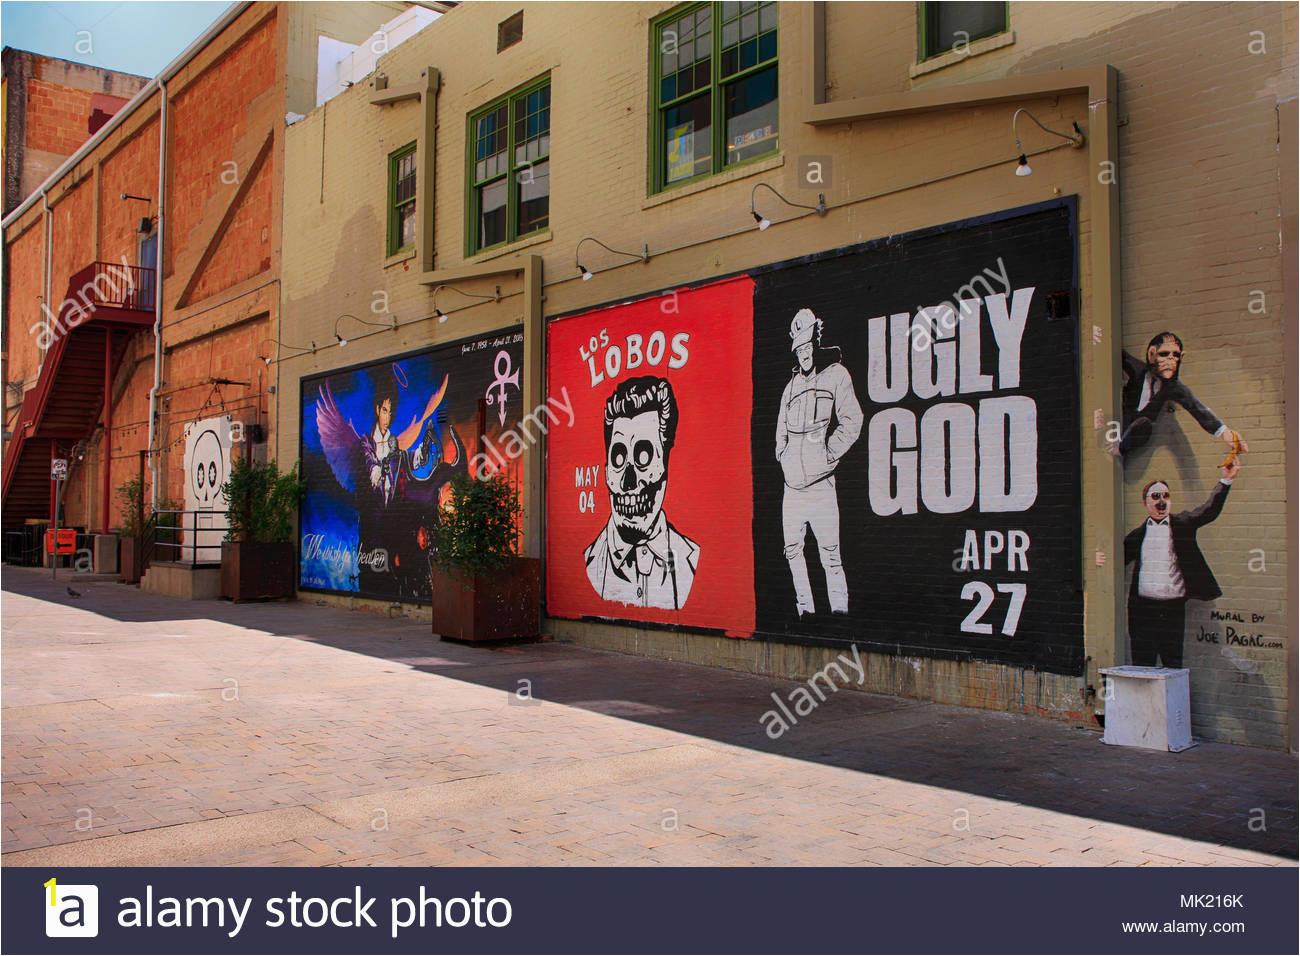 street wall art werbung veranstaltungen in tucson az mk216k